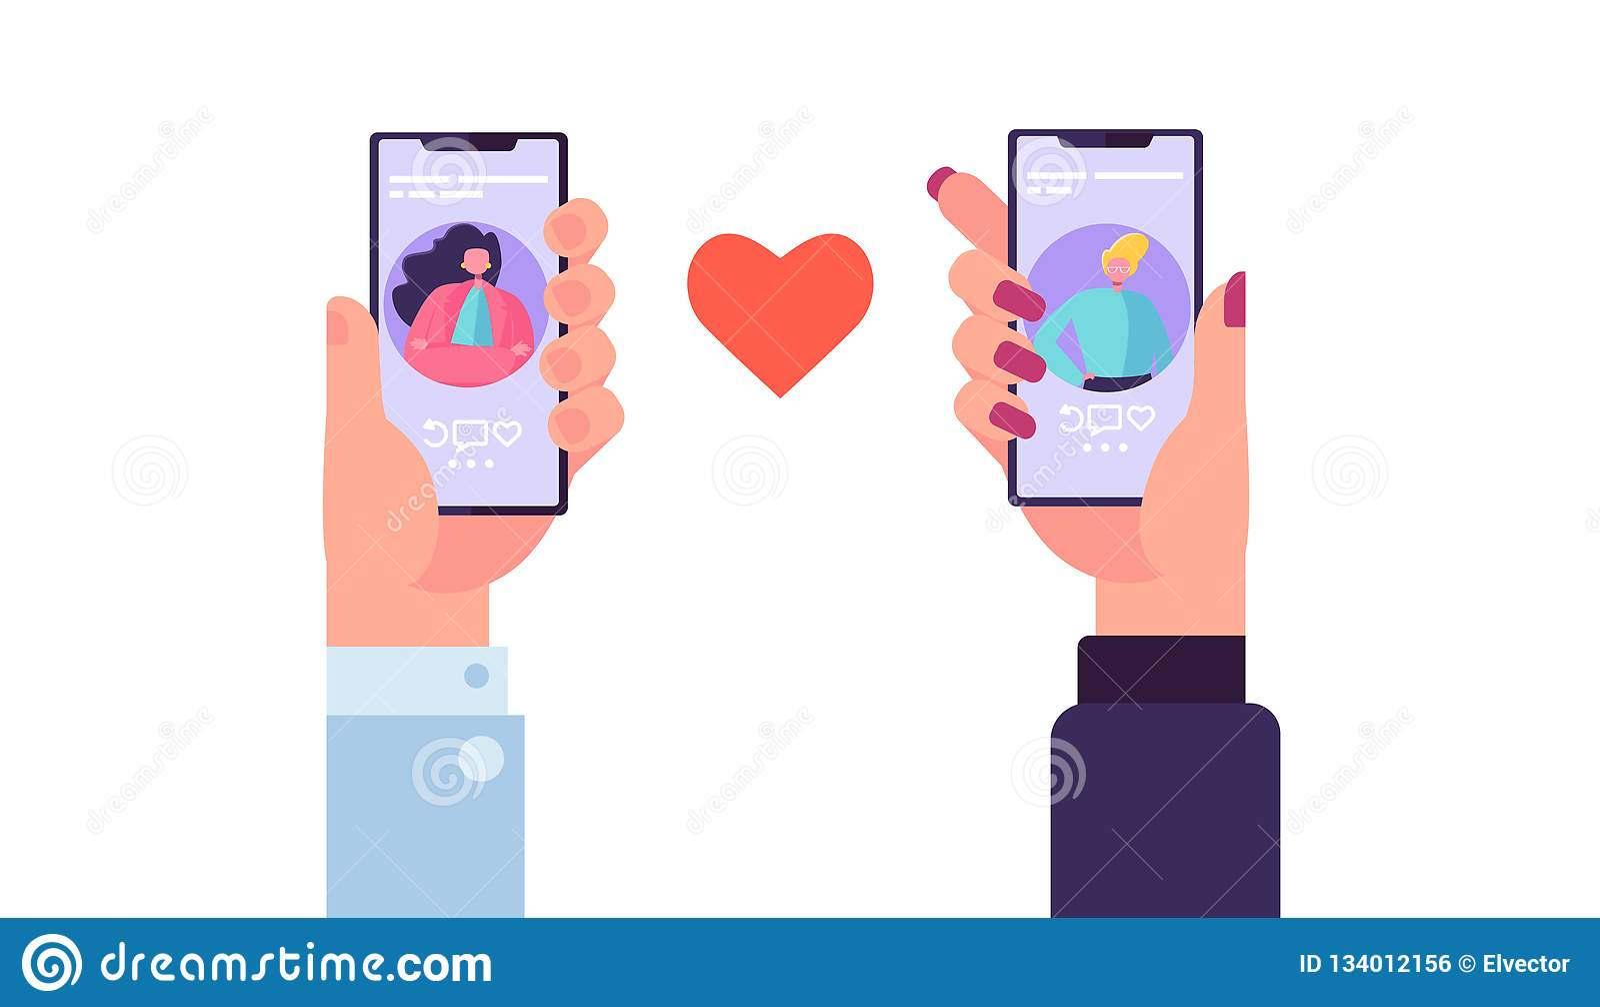 约会应用的智能手机发现爱 拿着与男人和妇女外形拉丁文的应用程序的手机动性 关系